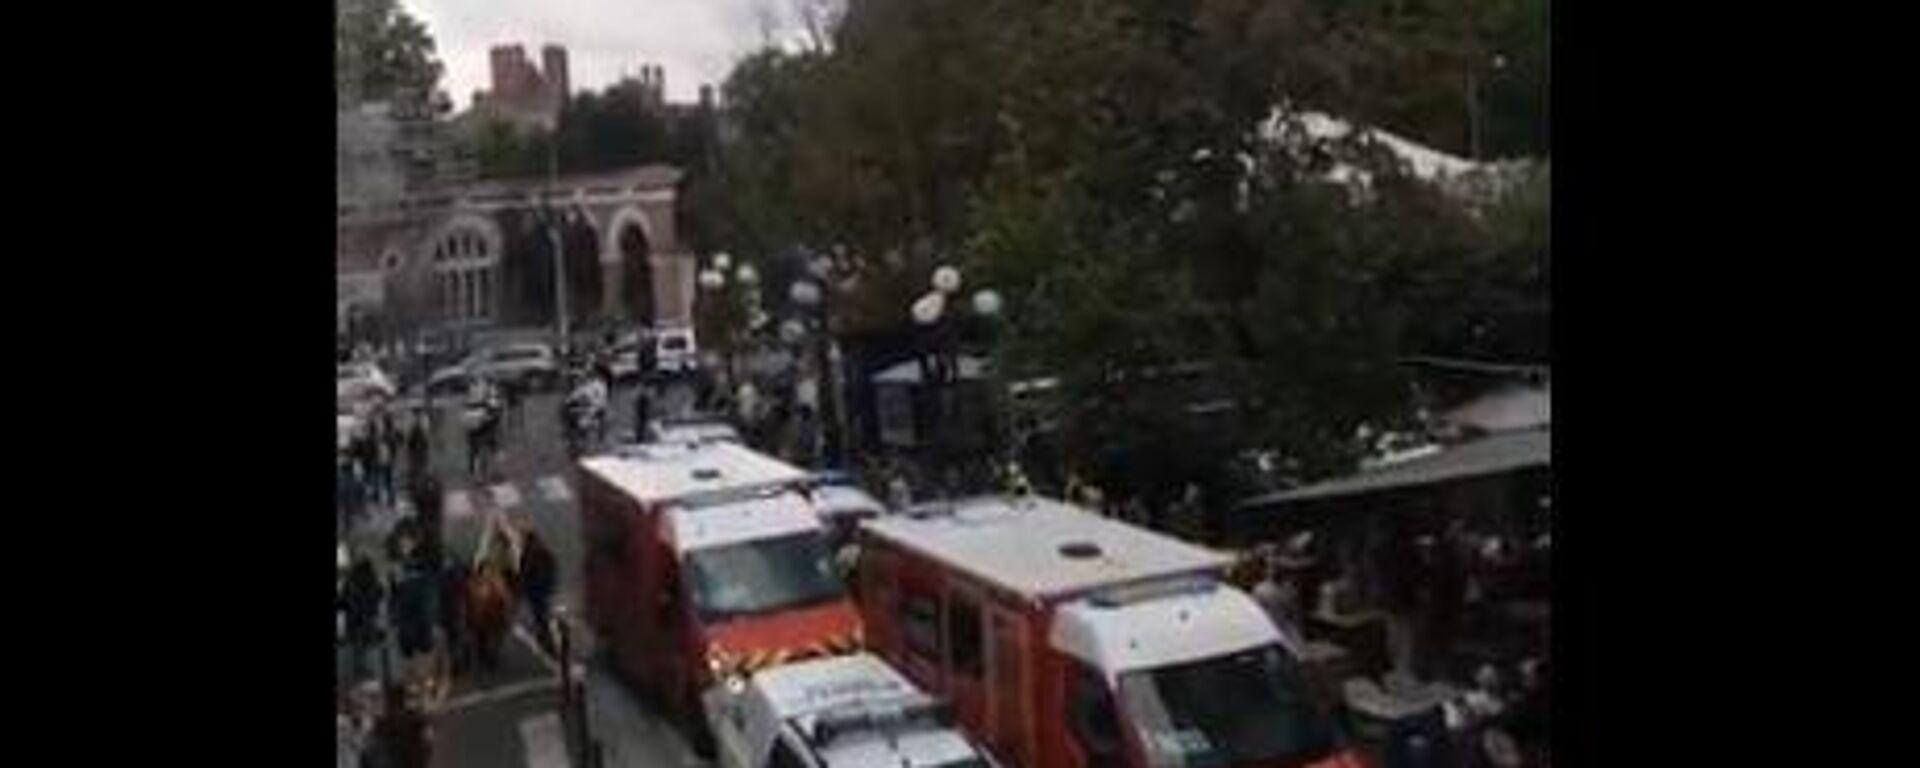 Αυτοκίνητο χτύπησε πολίτες στο Φονταινεμπλώ της Γαλλίας - Sputnik Ελλάδα, 1920, 18.09.2021